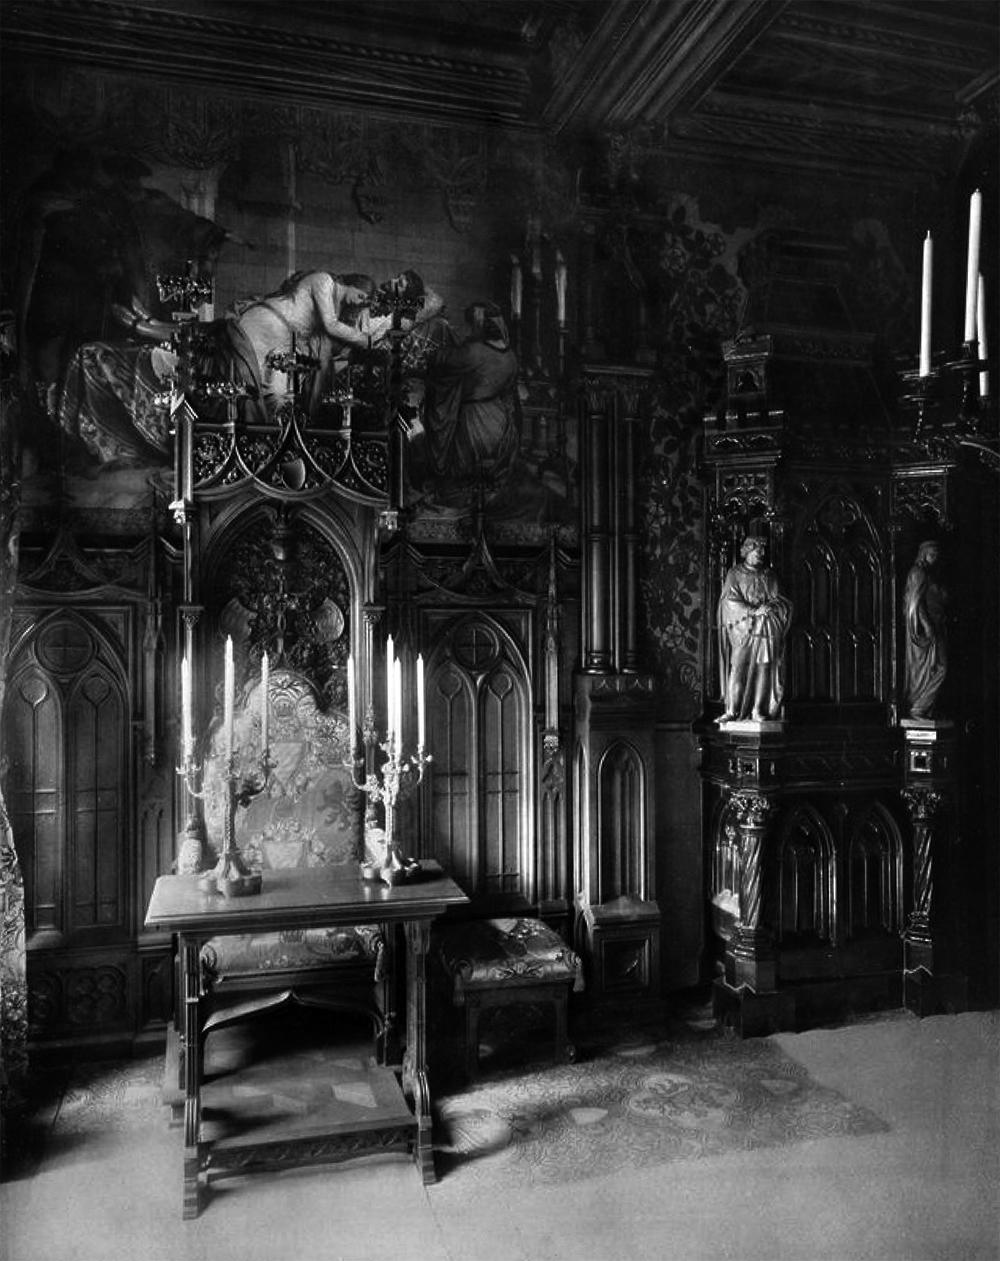 Schlafzimmer – Schloss Neuschwanstein – Ein Traum im gotischen Stil ...